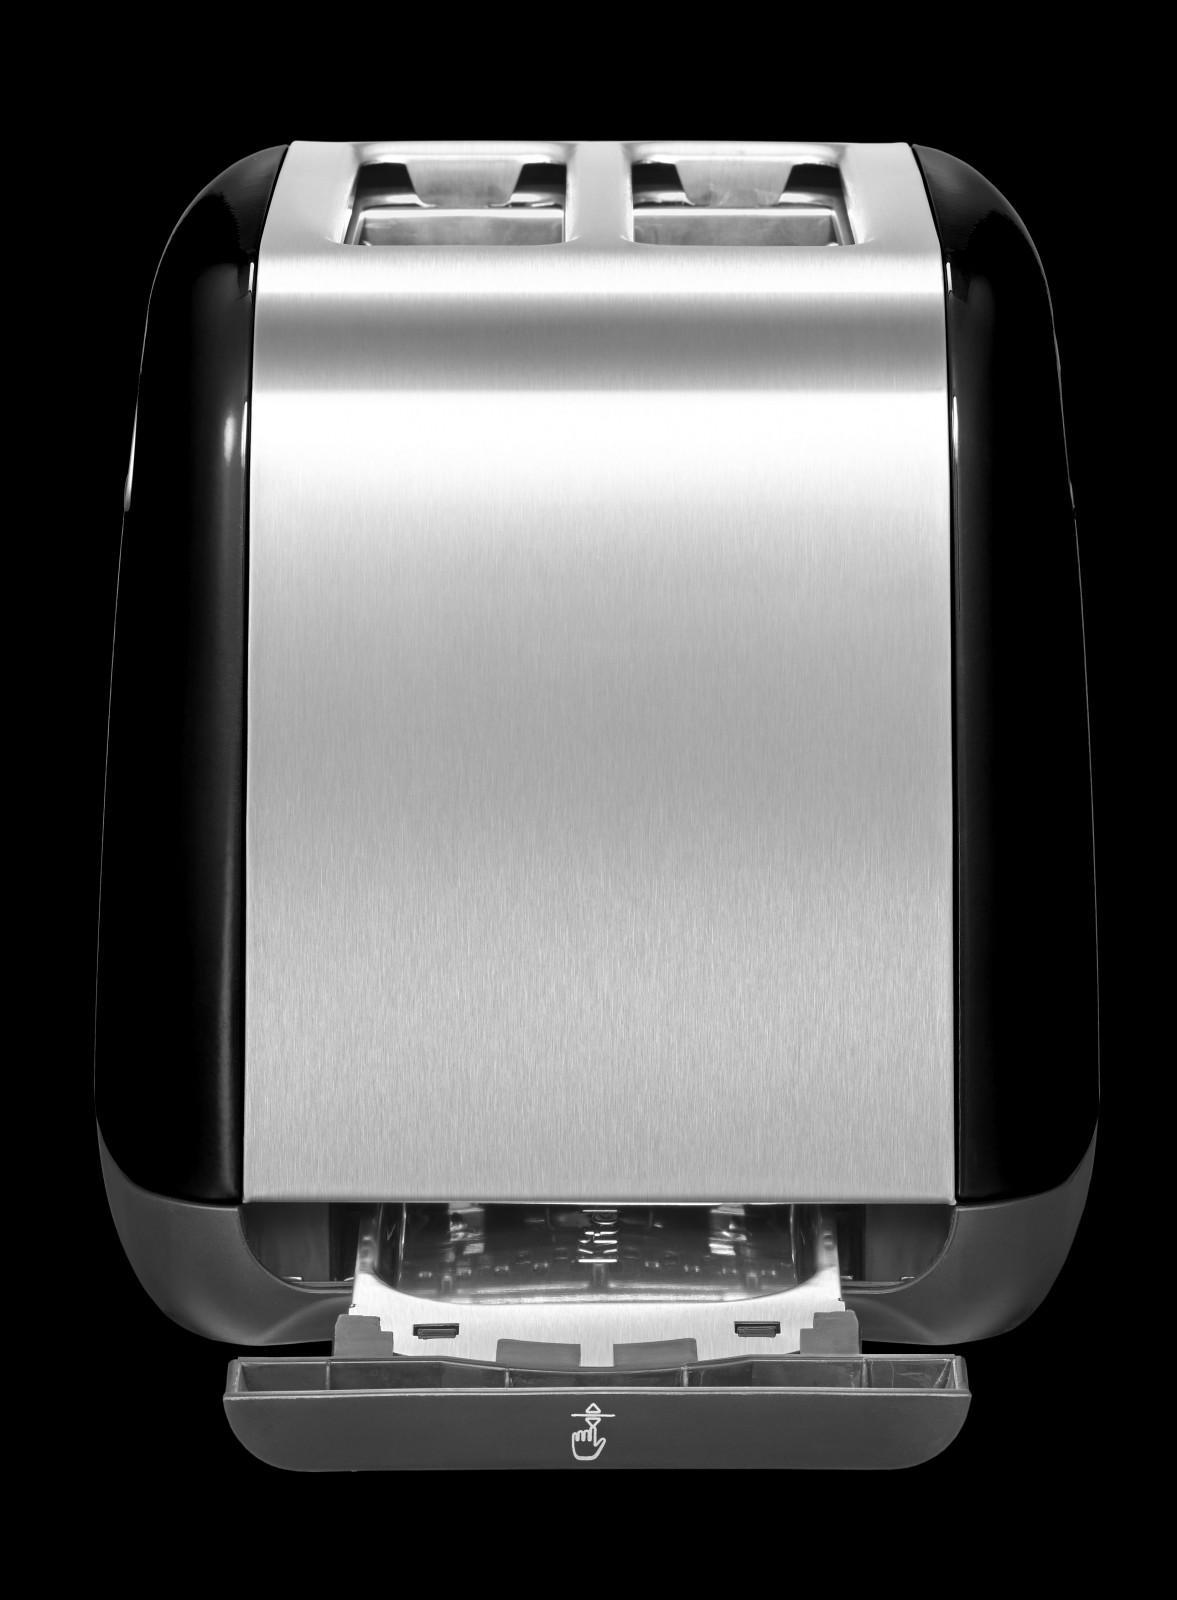 kitchenaid 2 scheiben toaster 5kmt221 eob onyx schwarz. Black Bedroom Furniture Sets. Home Design Ideas